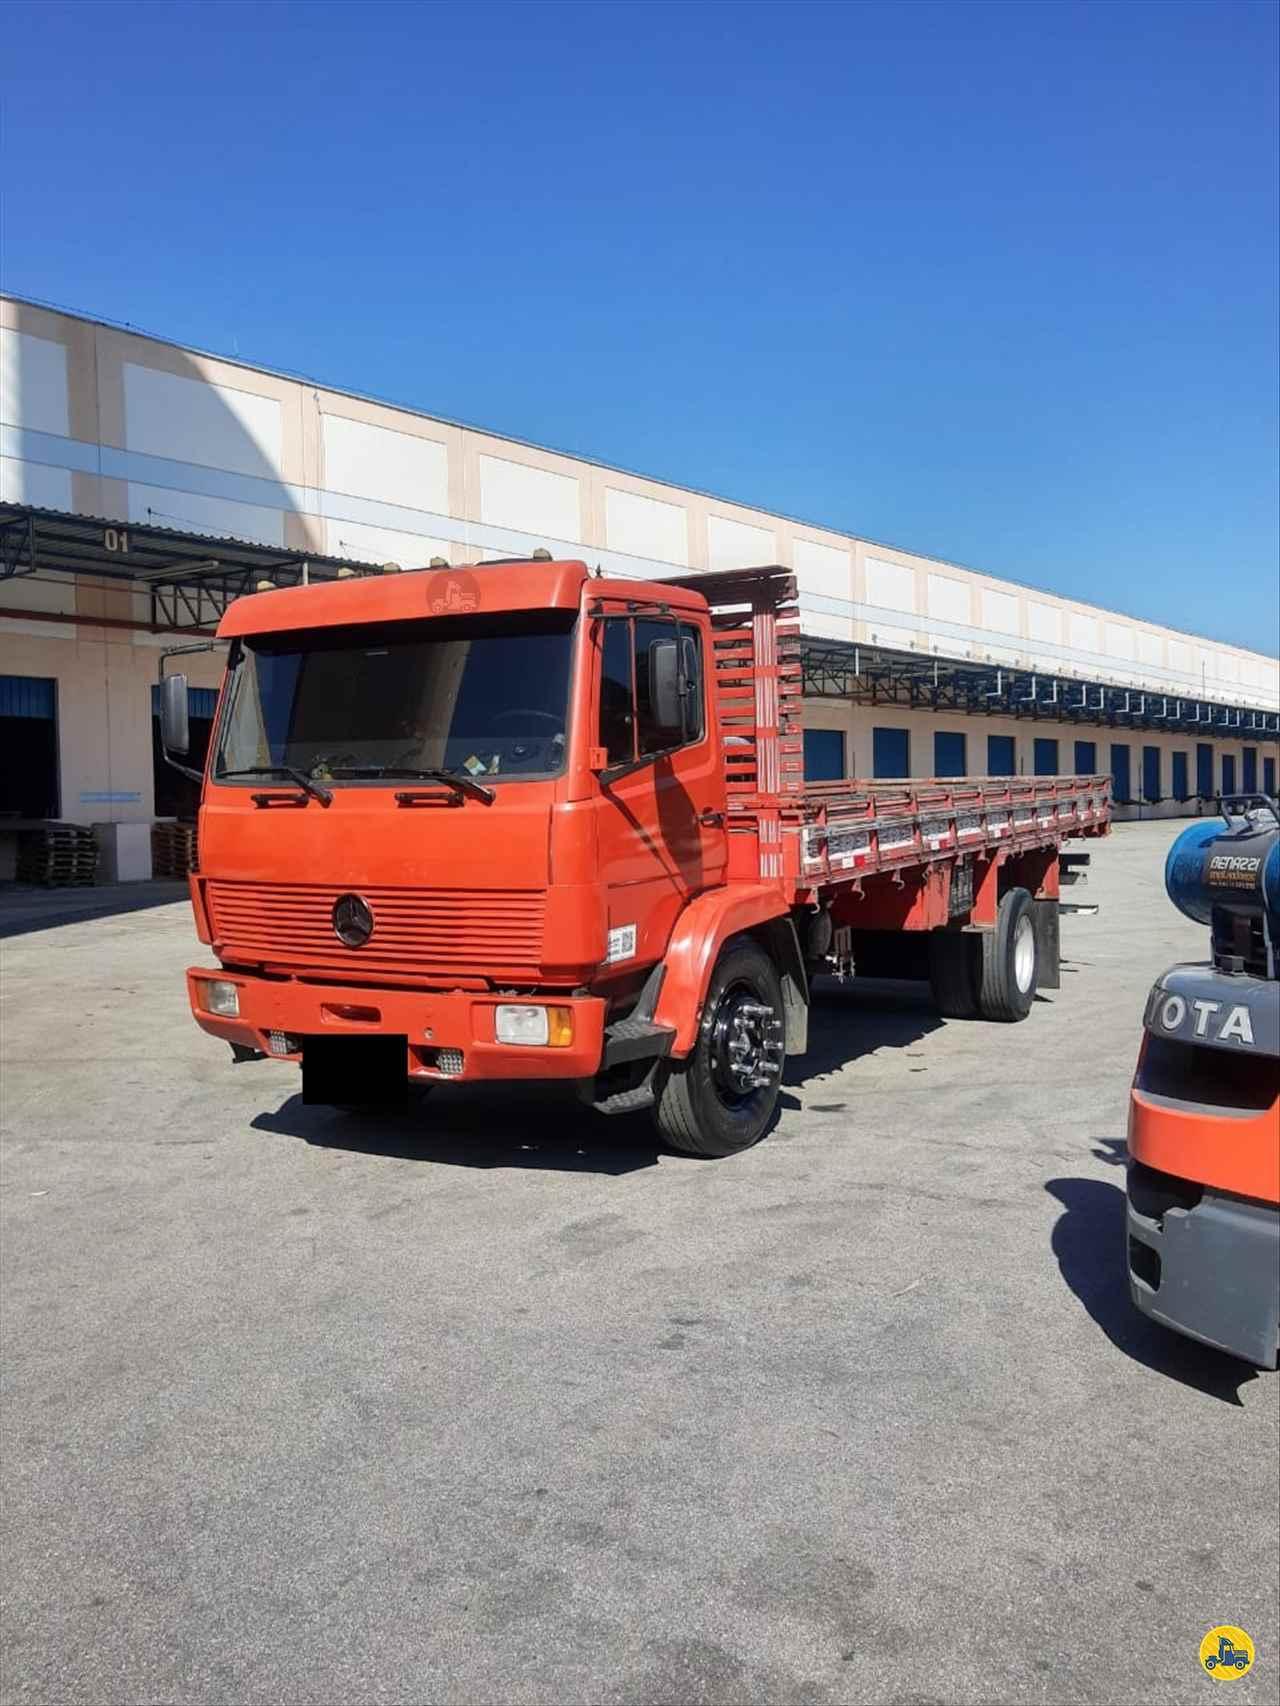 CAMINHAO MERCEDES-BENZ MB 1718 Carga Seca 3/4 4x2 Wilson Caminhões RIBEIRAO PIRES SÃO PAULO SP